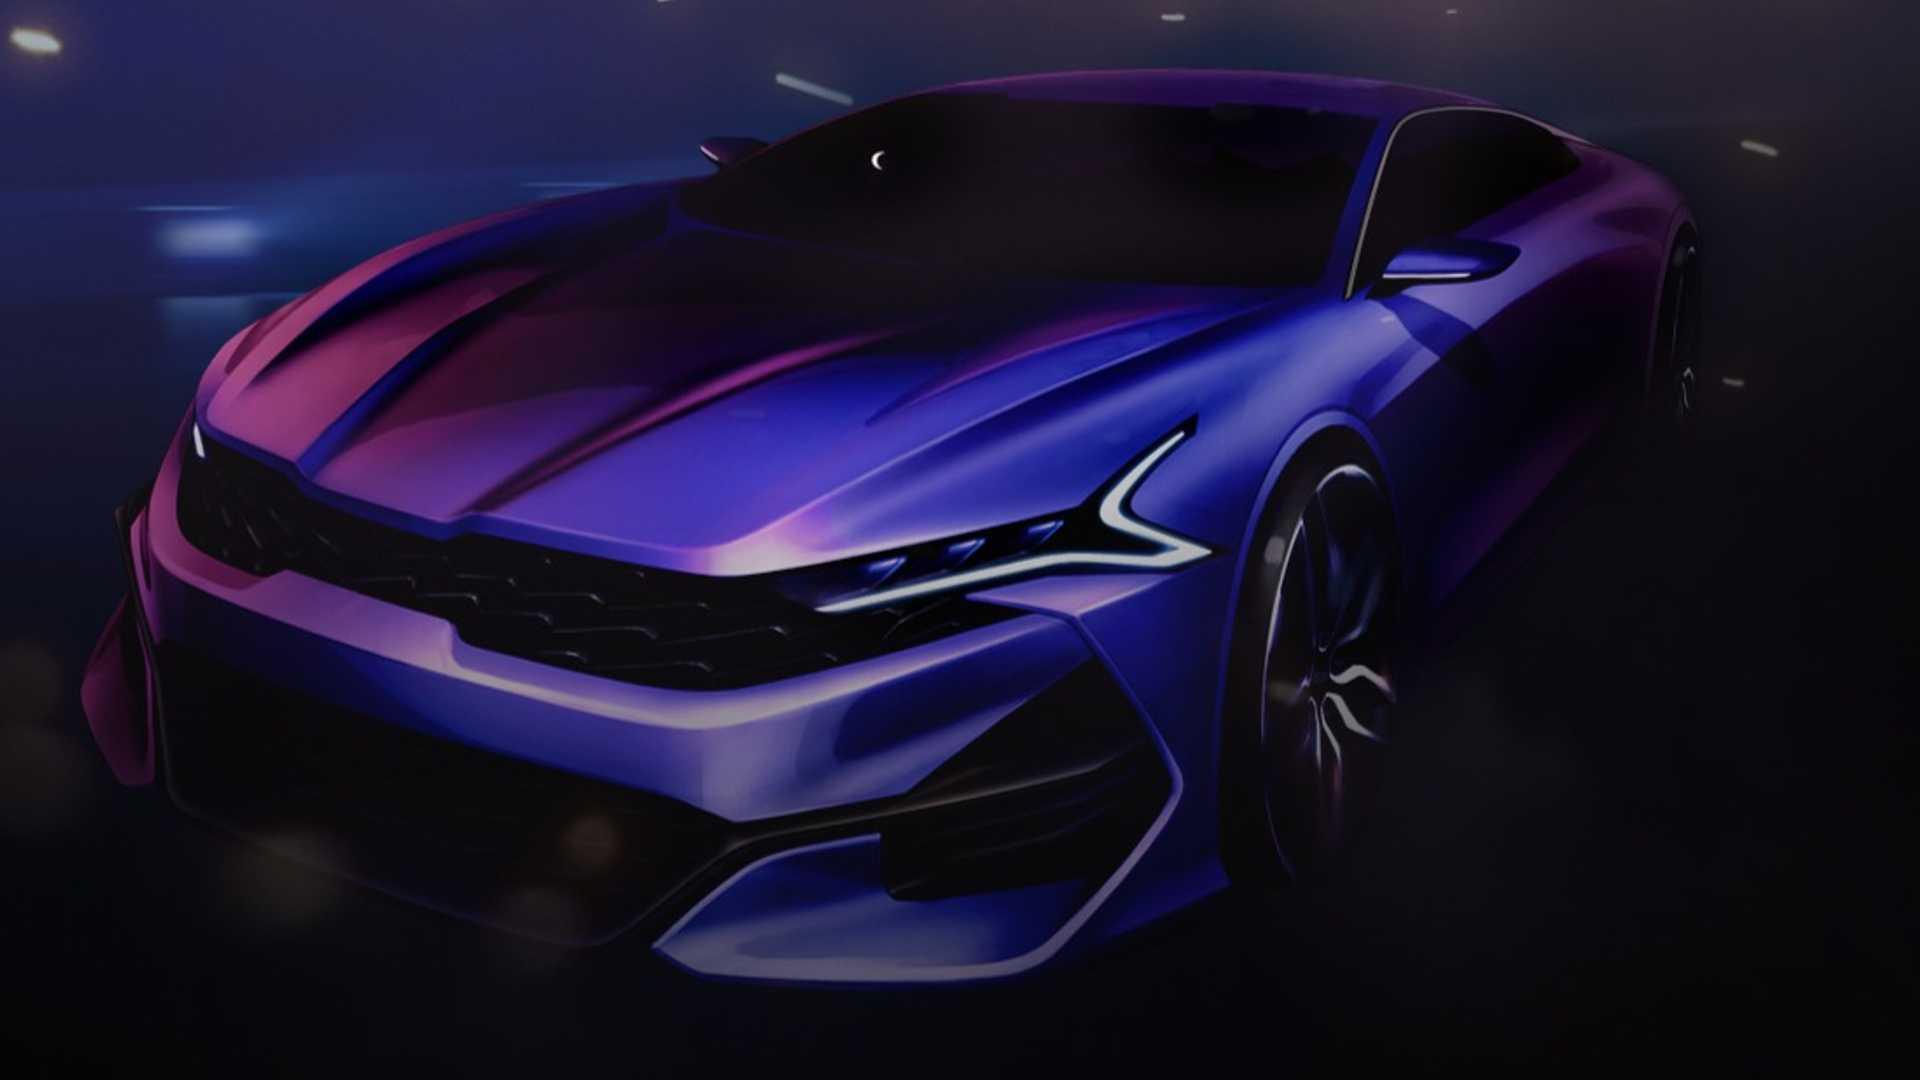 Kia Optima 2021 lộ diện với thiết kế thể thao - 8